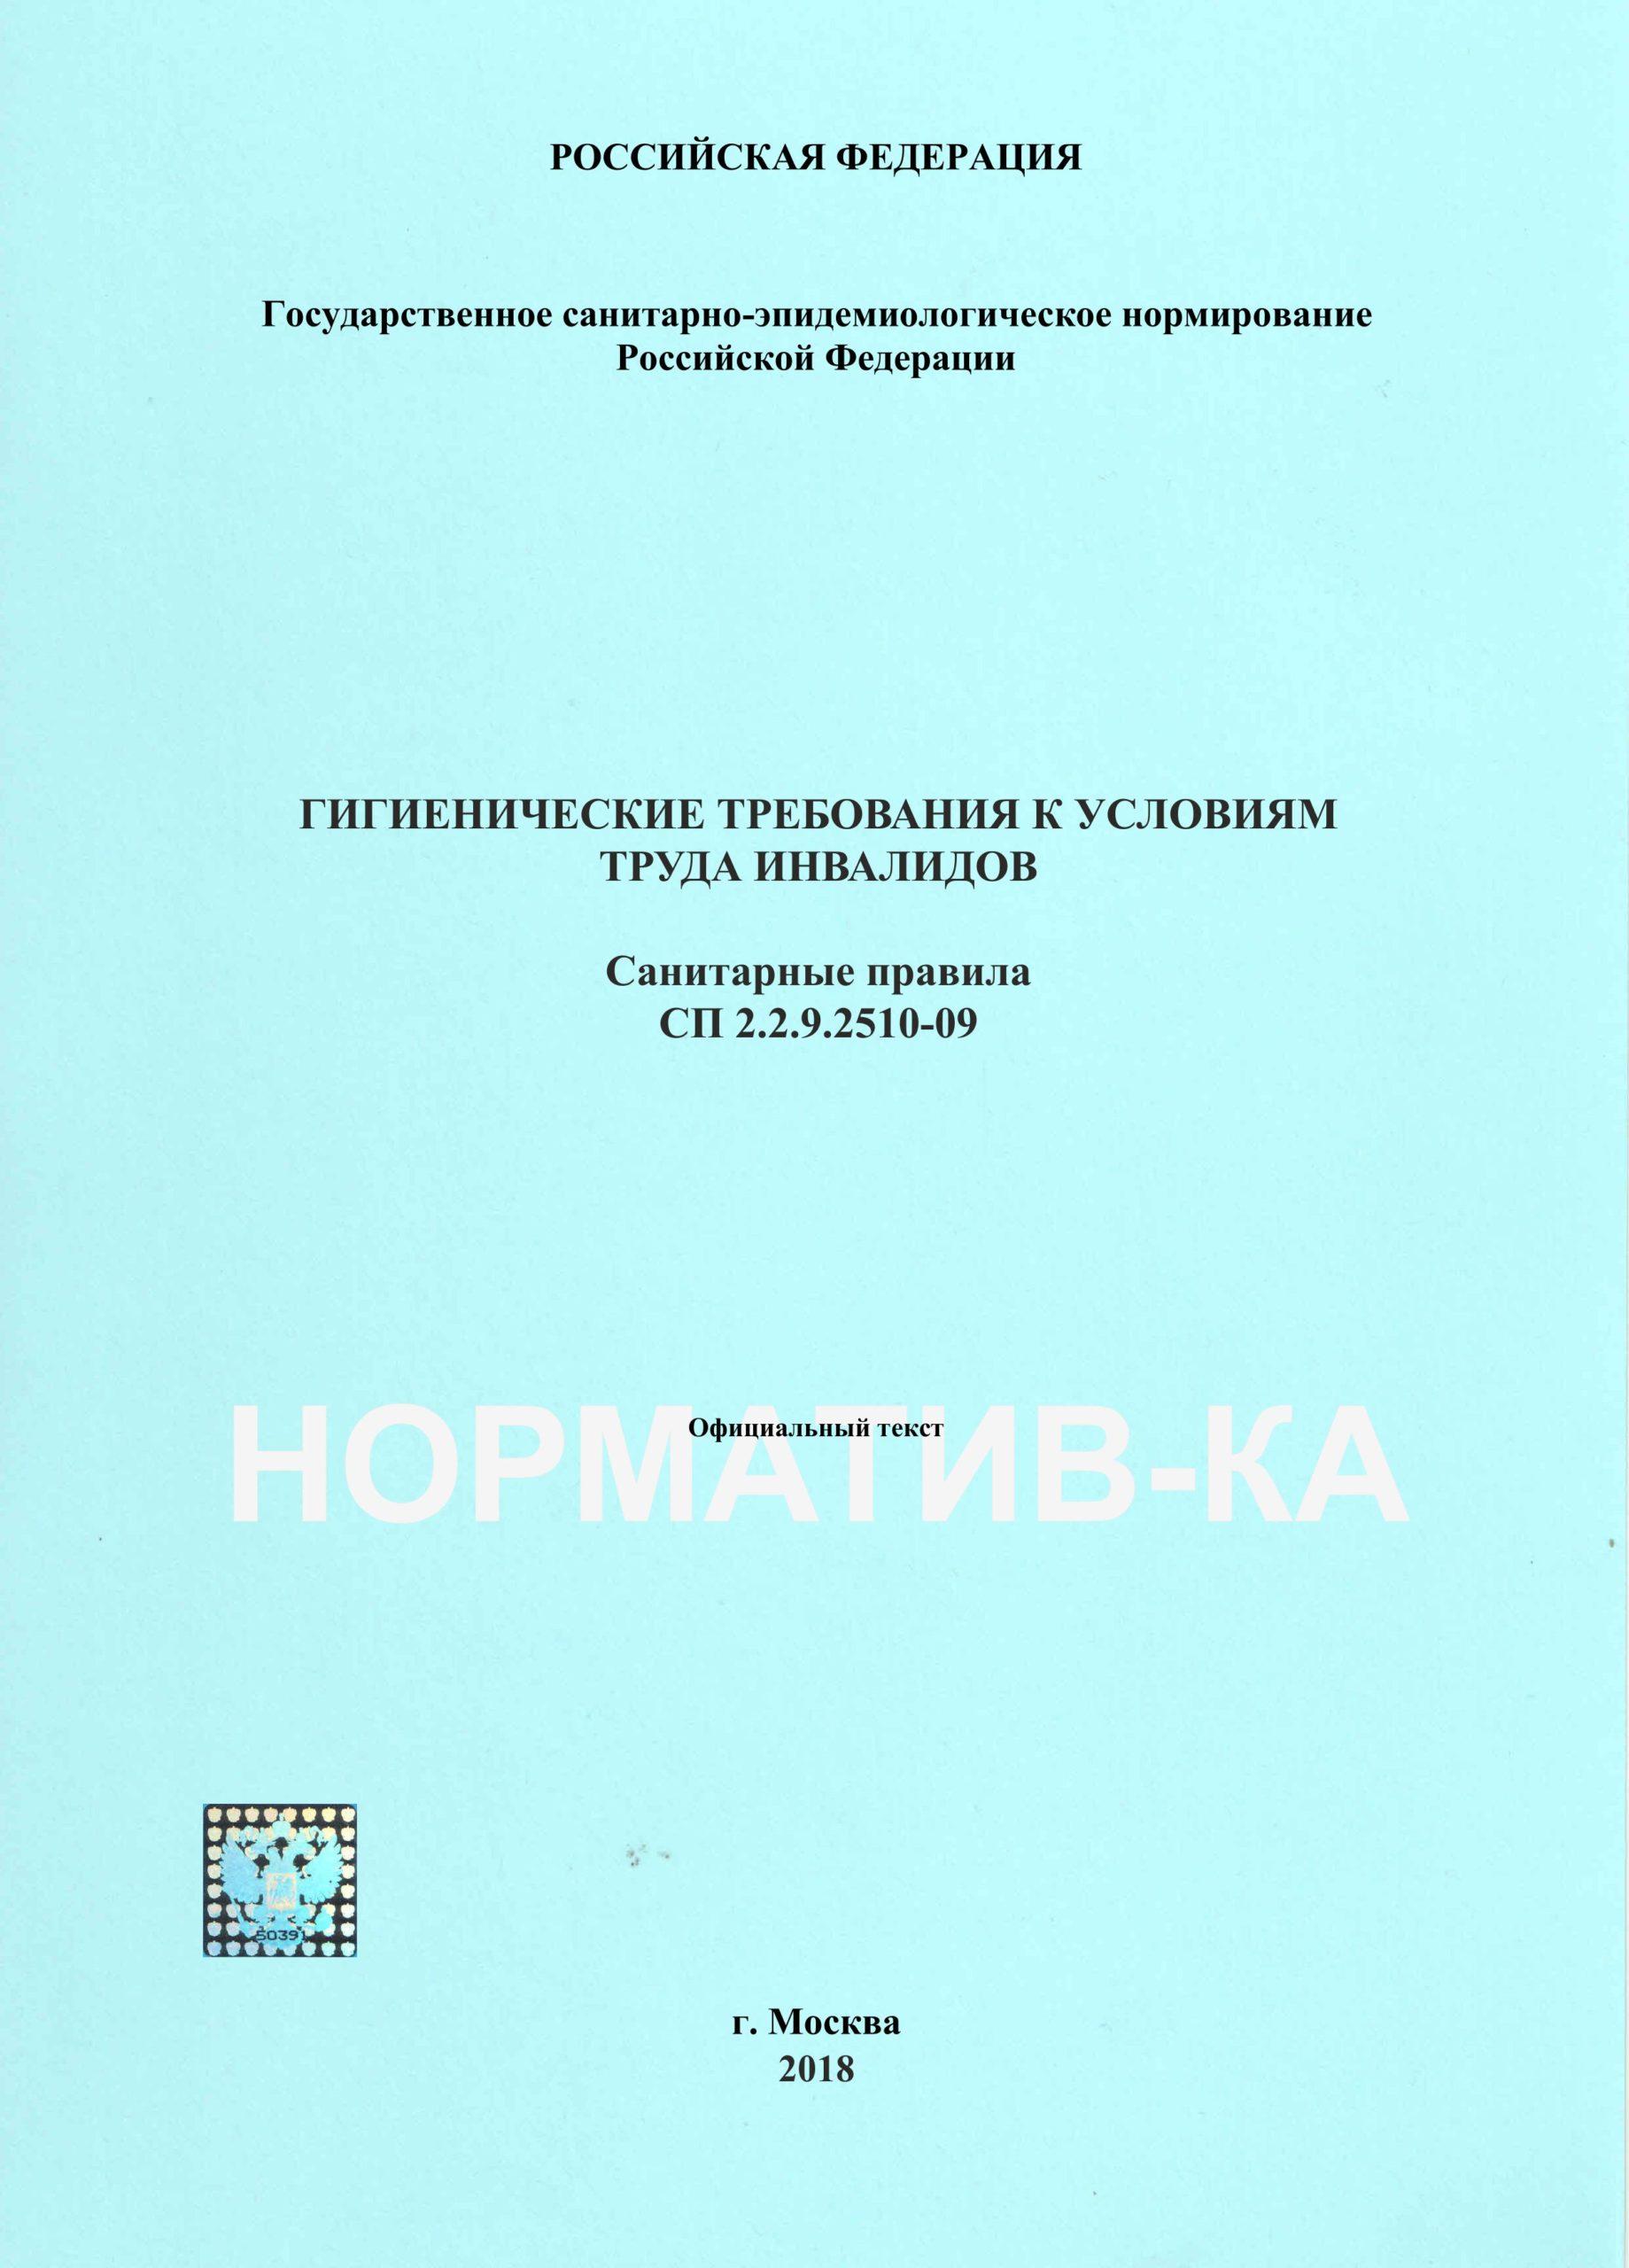 СП 2.2.9.2510-09